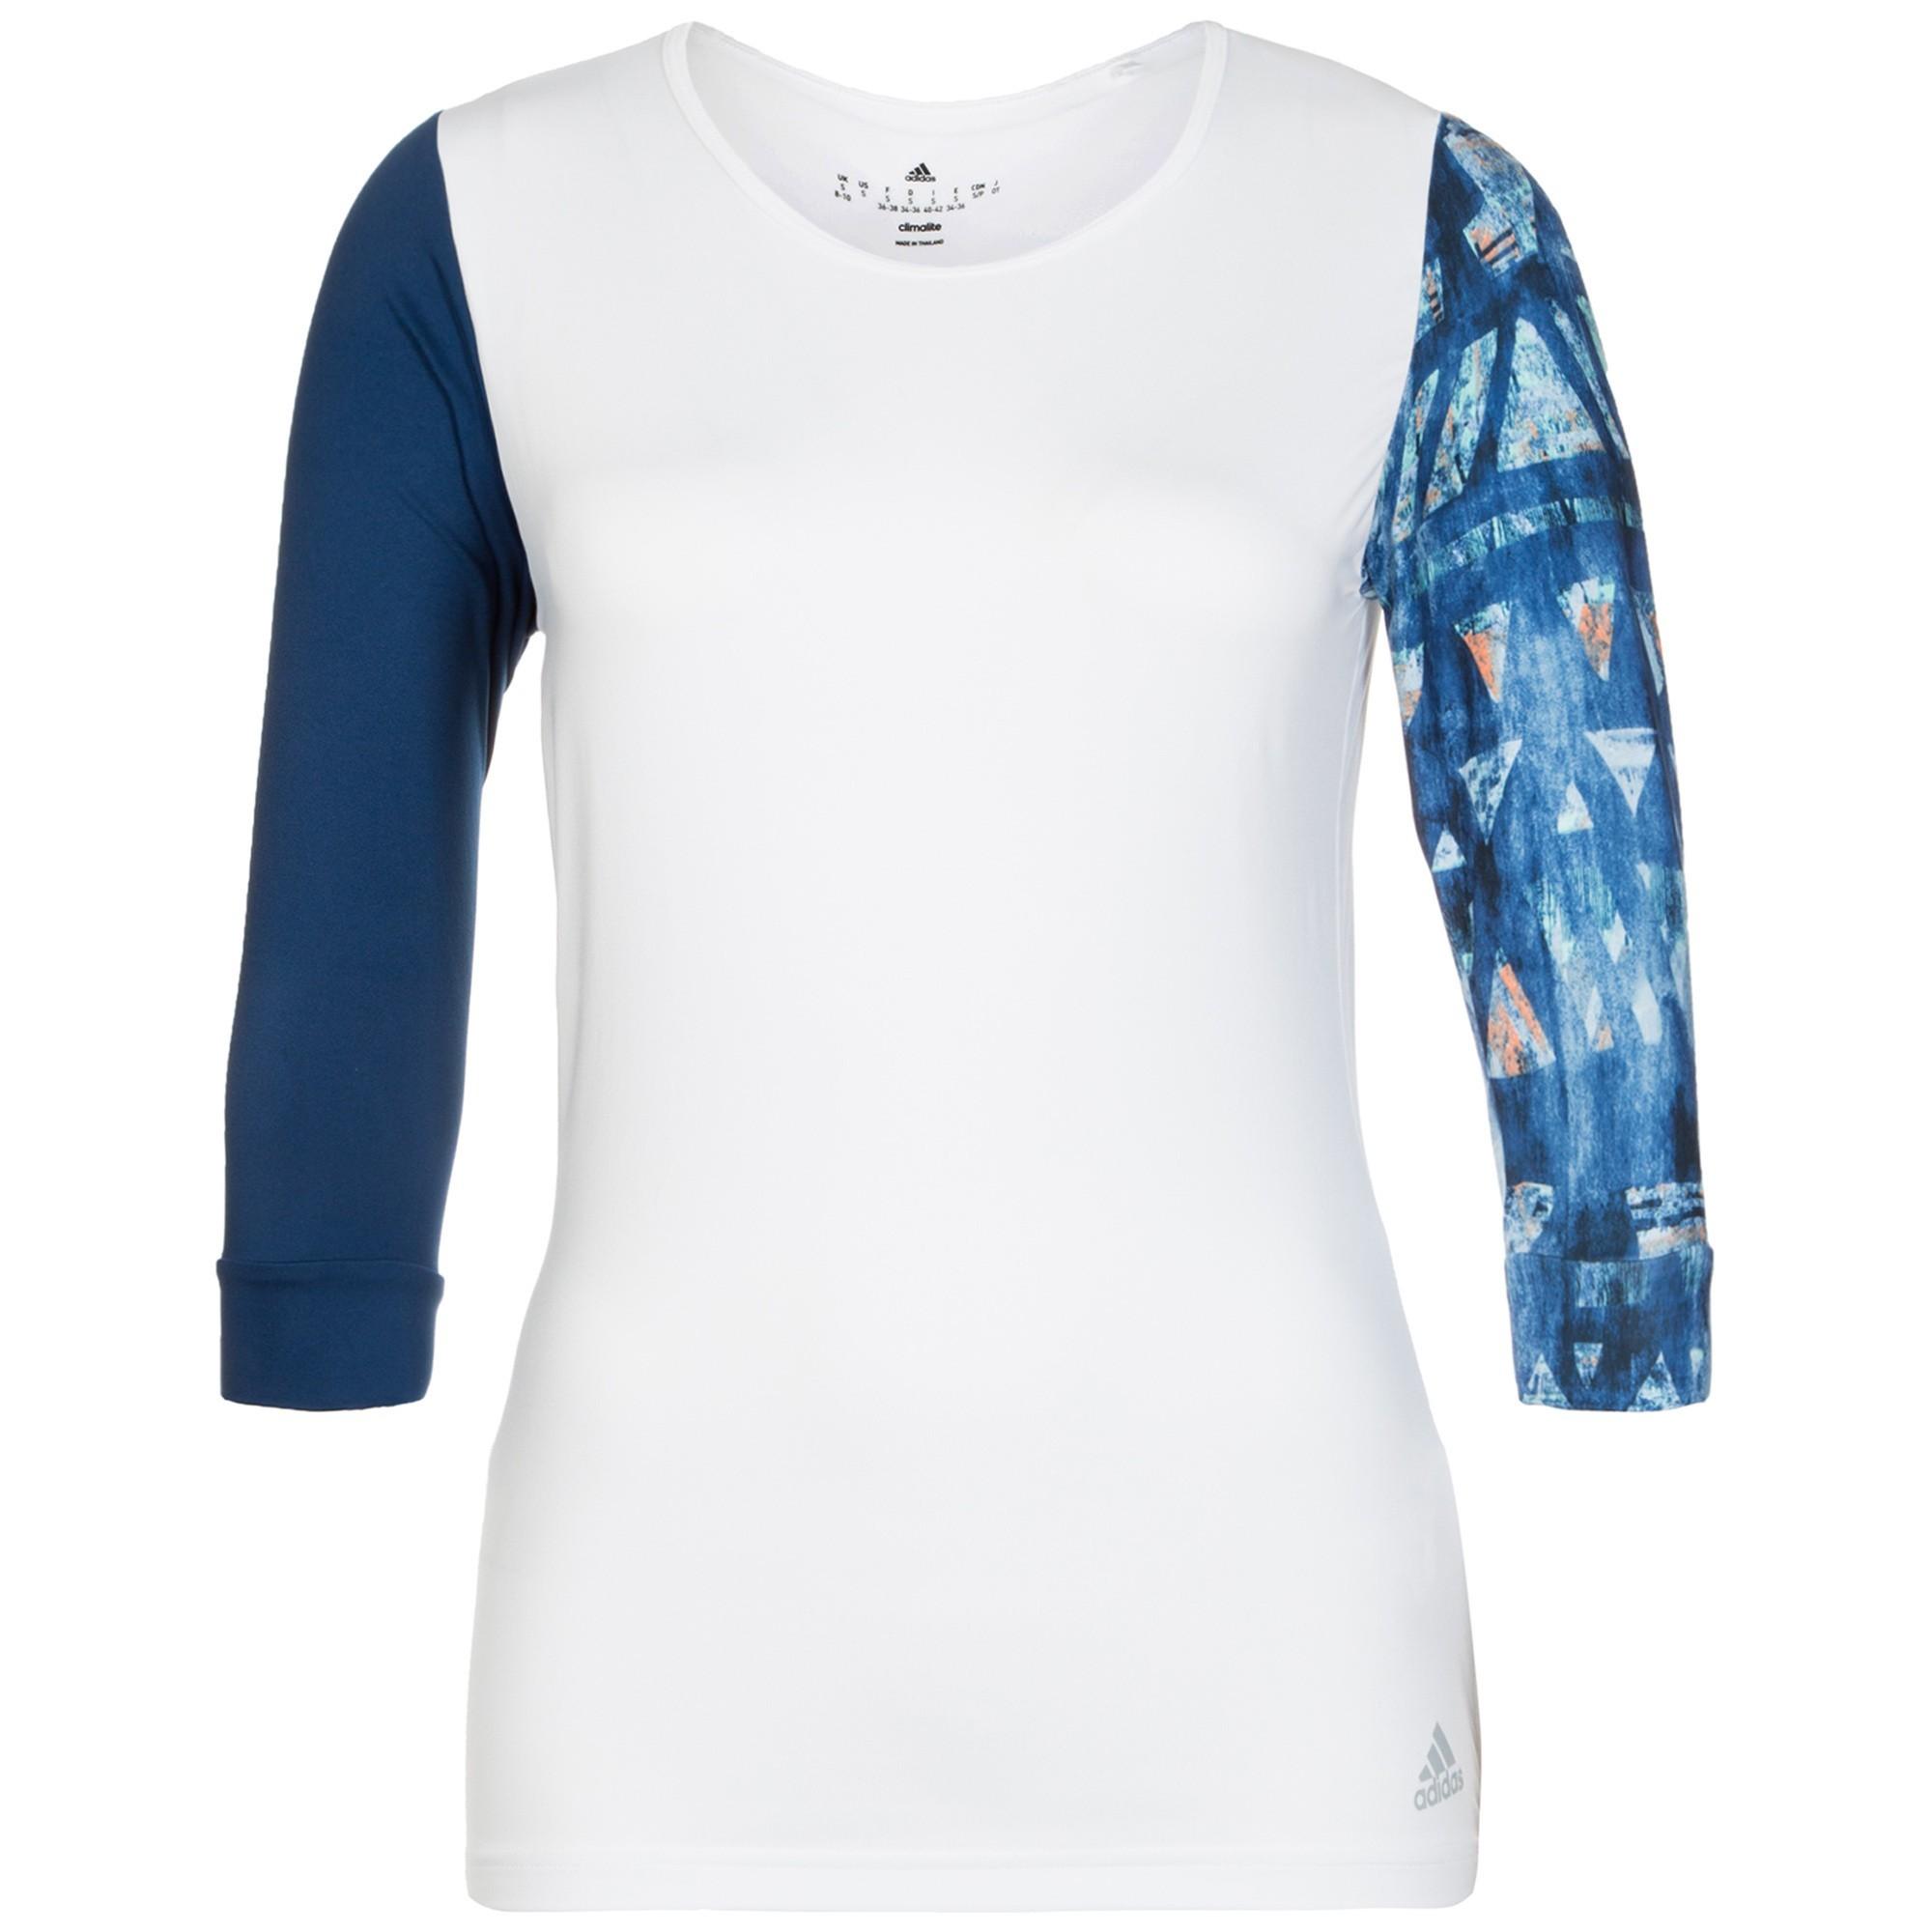 T shirt adidas white - Women S Squash T Shirt Adidas Essex Tee White Blue My Squash Com